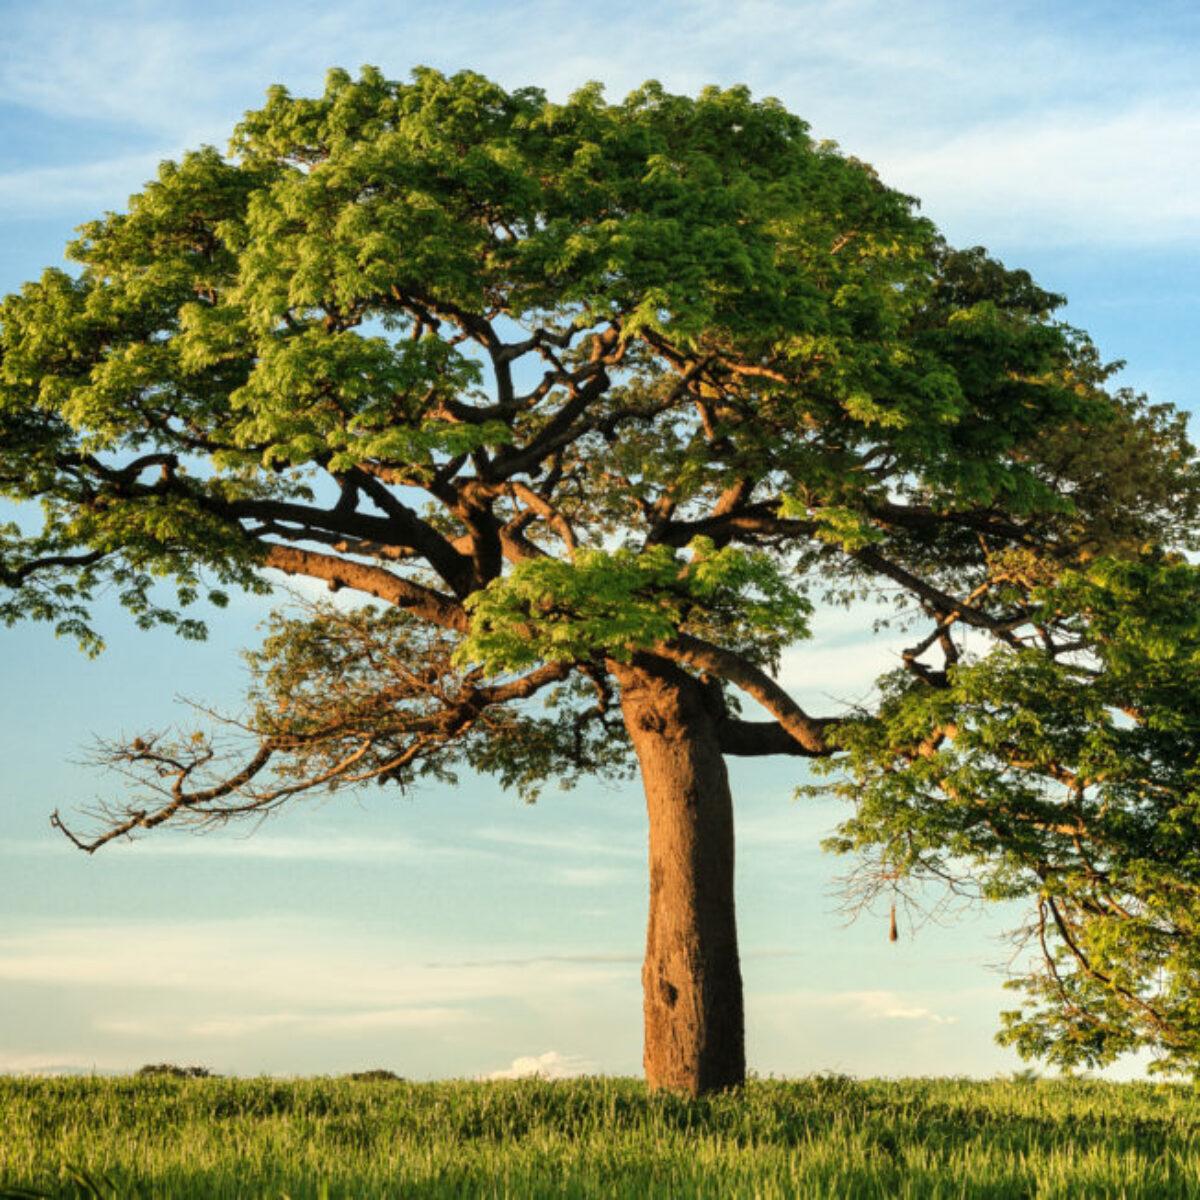 Coriano, gli studenti escono dall'aula e piantano 50 nuovi alberi